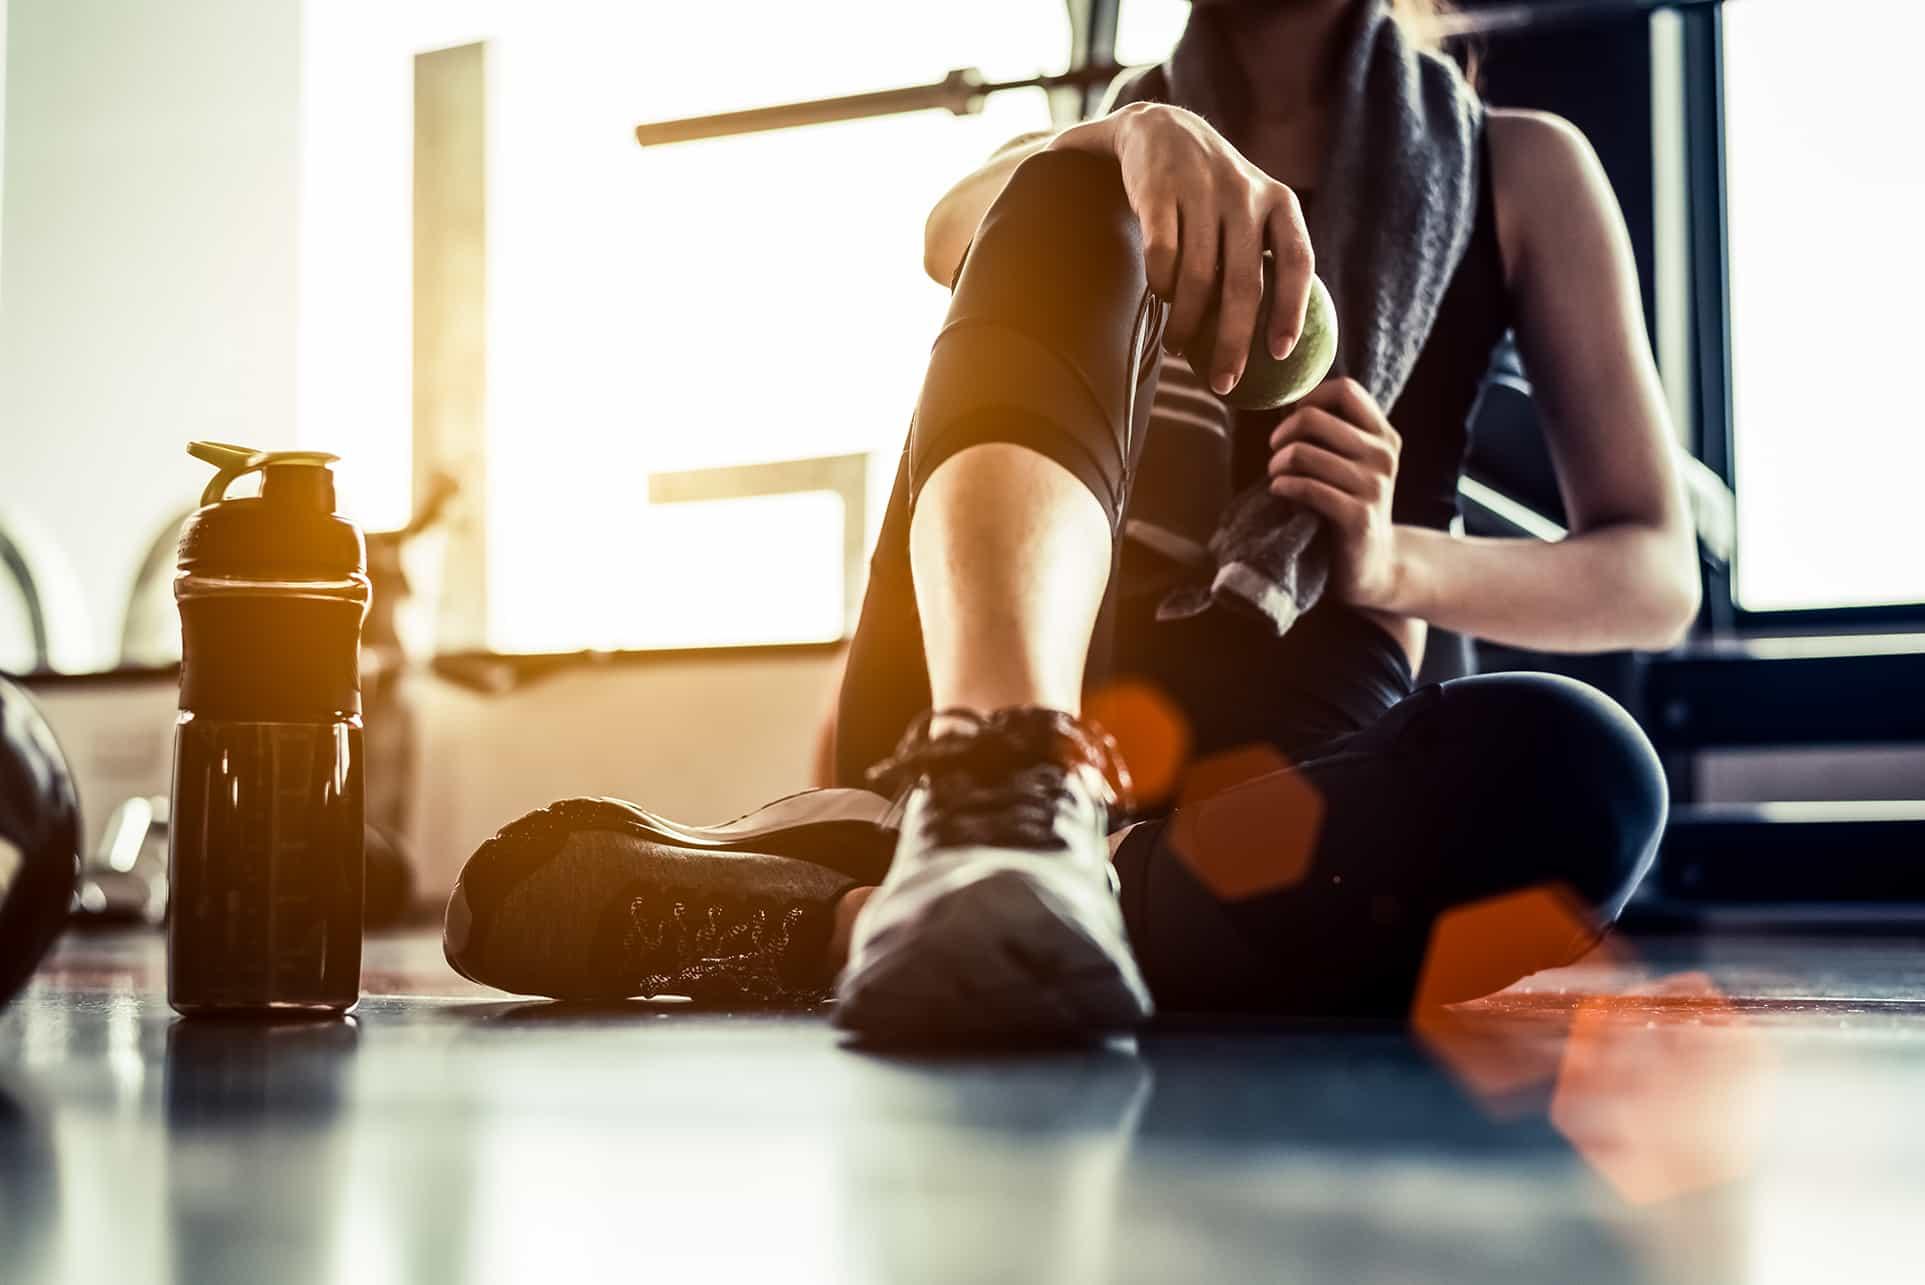 Neerslachtige Vrouw Zit Op De Grond In De Sportschool